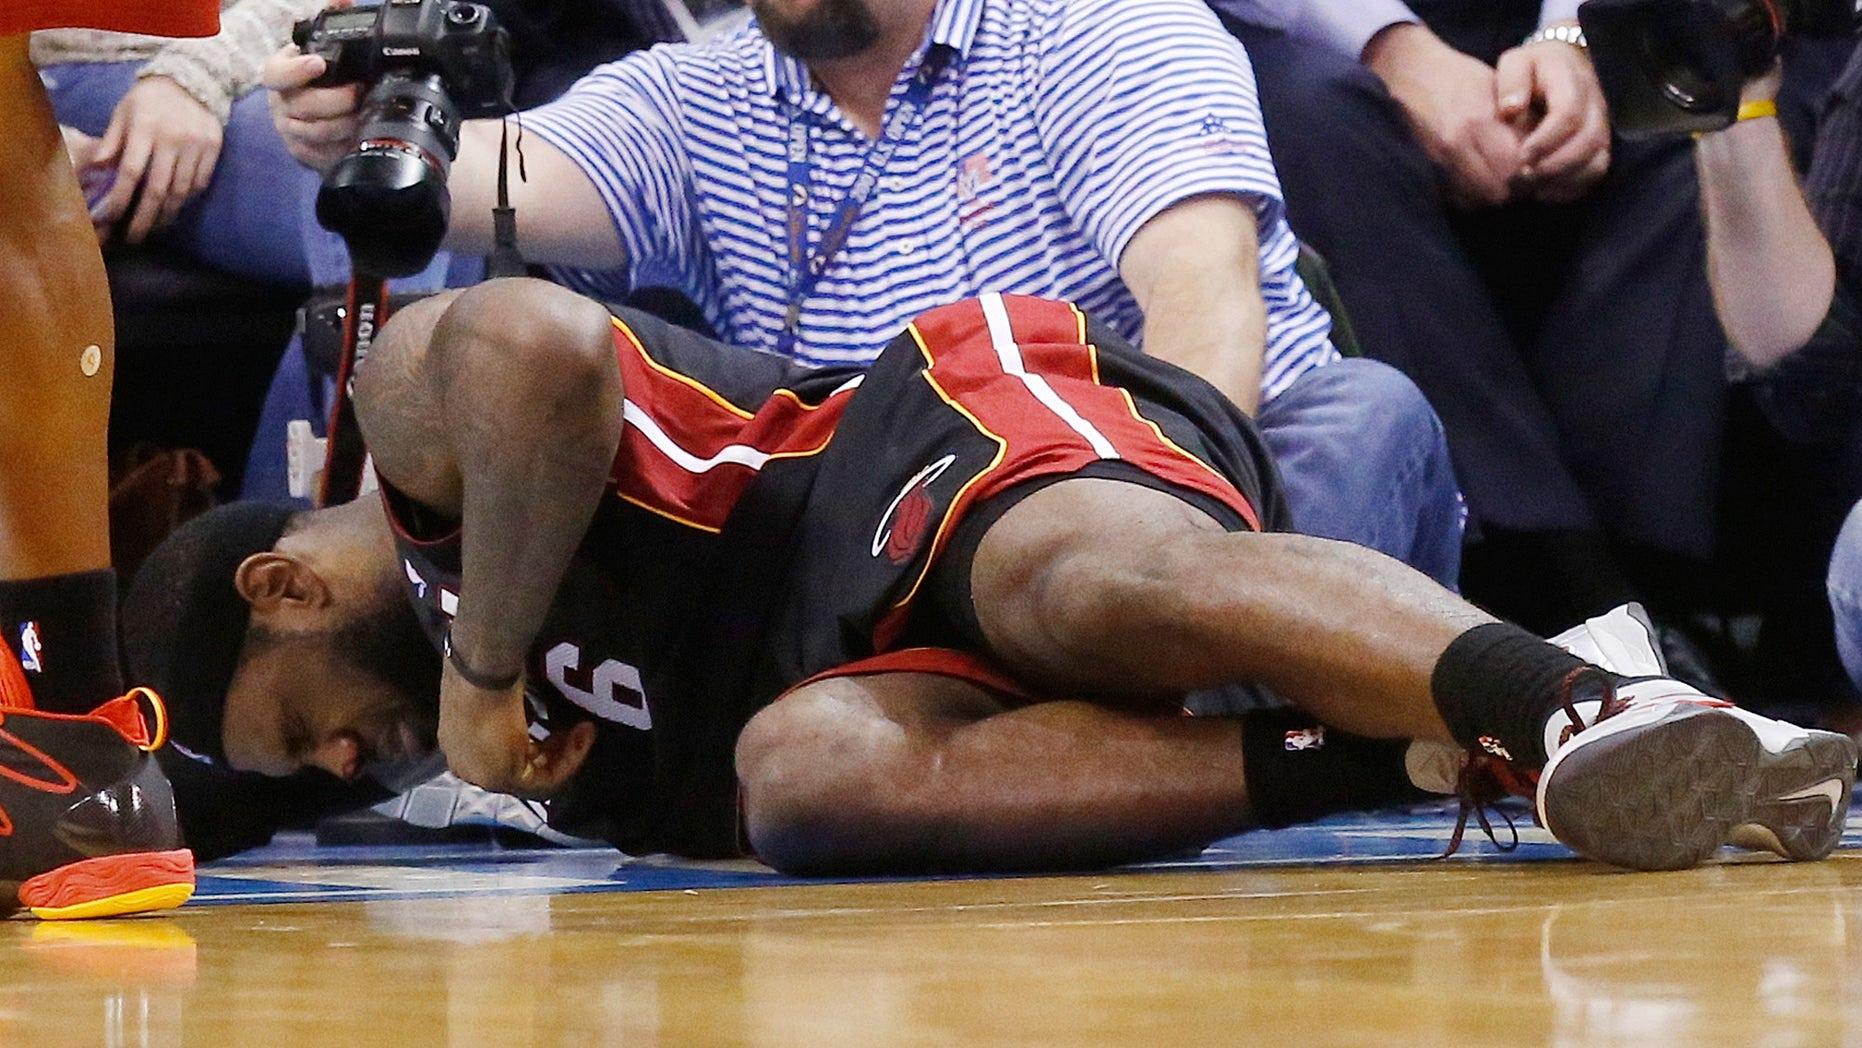 LeBron James, del Heat de Miami, se duele tendido en la duela tras ser impactado por Serge Ibaka en el cuarto periodo del duelo de la NBA frente al Thunder de Oklahoma City, el jueves 20 de febrero de 2014. James recibió el golpe mientras se enfilaba a la canasta. Completó una clavada, pero se fracturó la nariz en la jugada. (Foto AP/Sue Ogrocki)